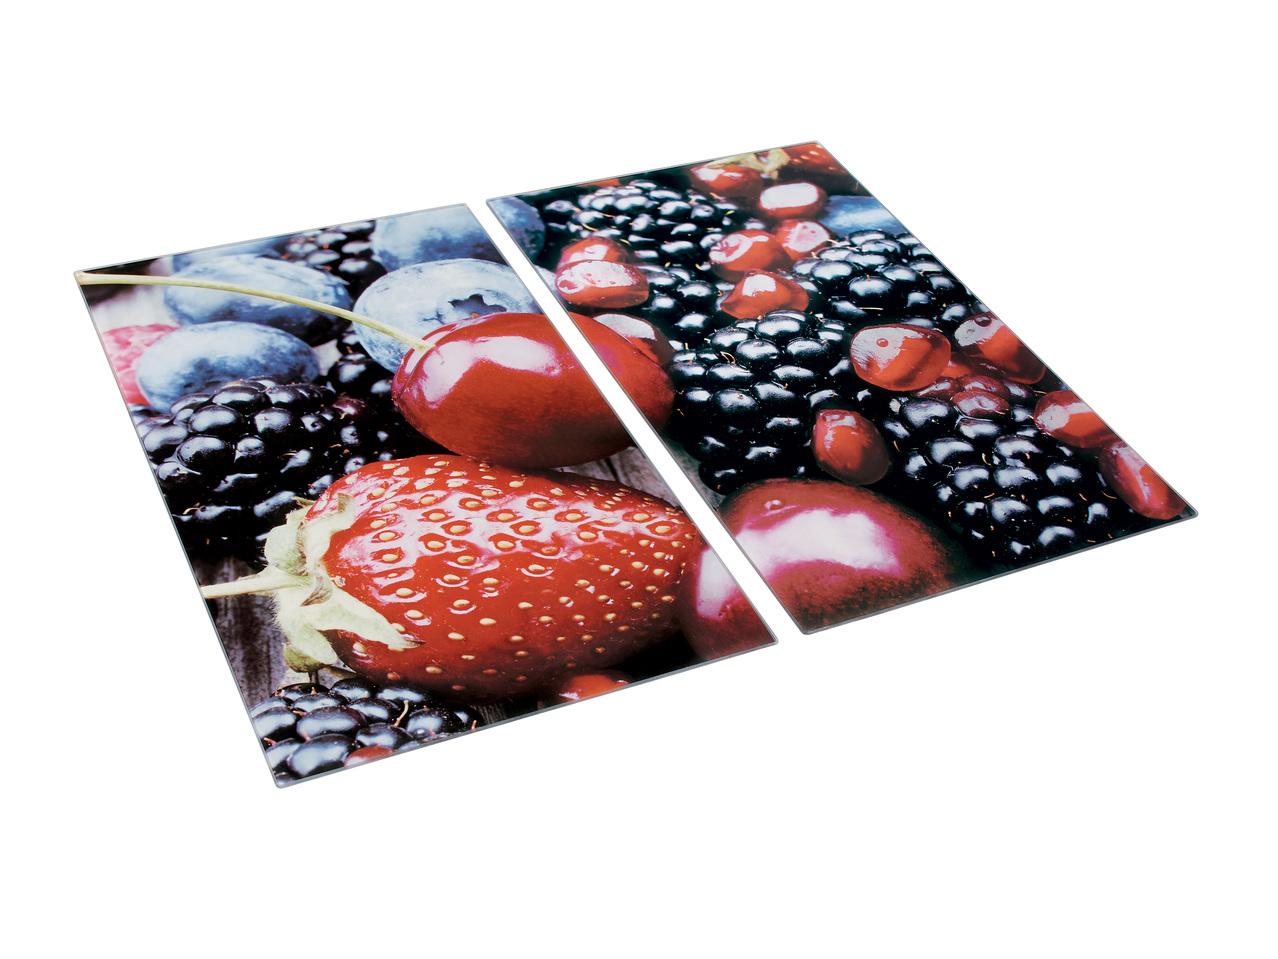 2 couvre plaques de cuisson en verre lidl france archive des offres promotionnelles. Black Bedroom Furniture Sets. Home Design Ideas